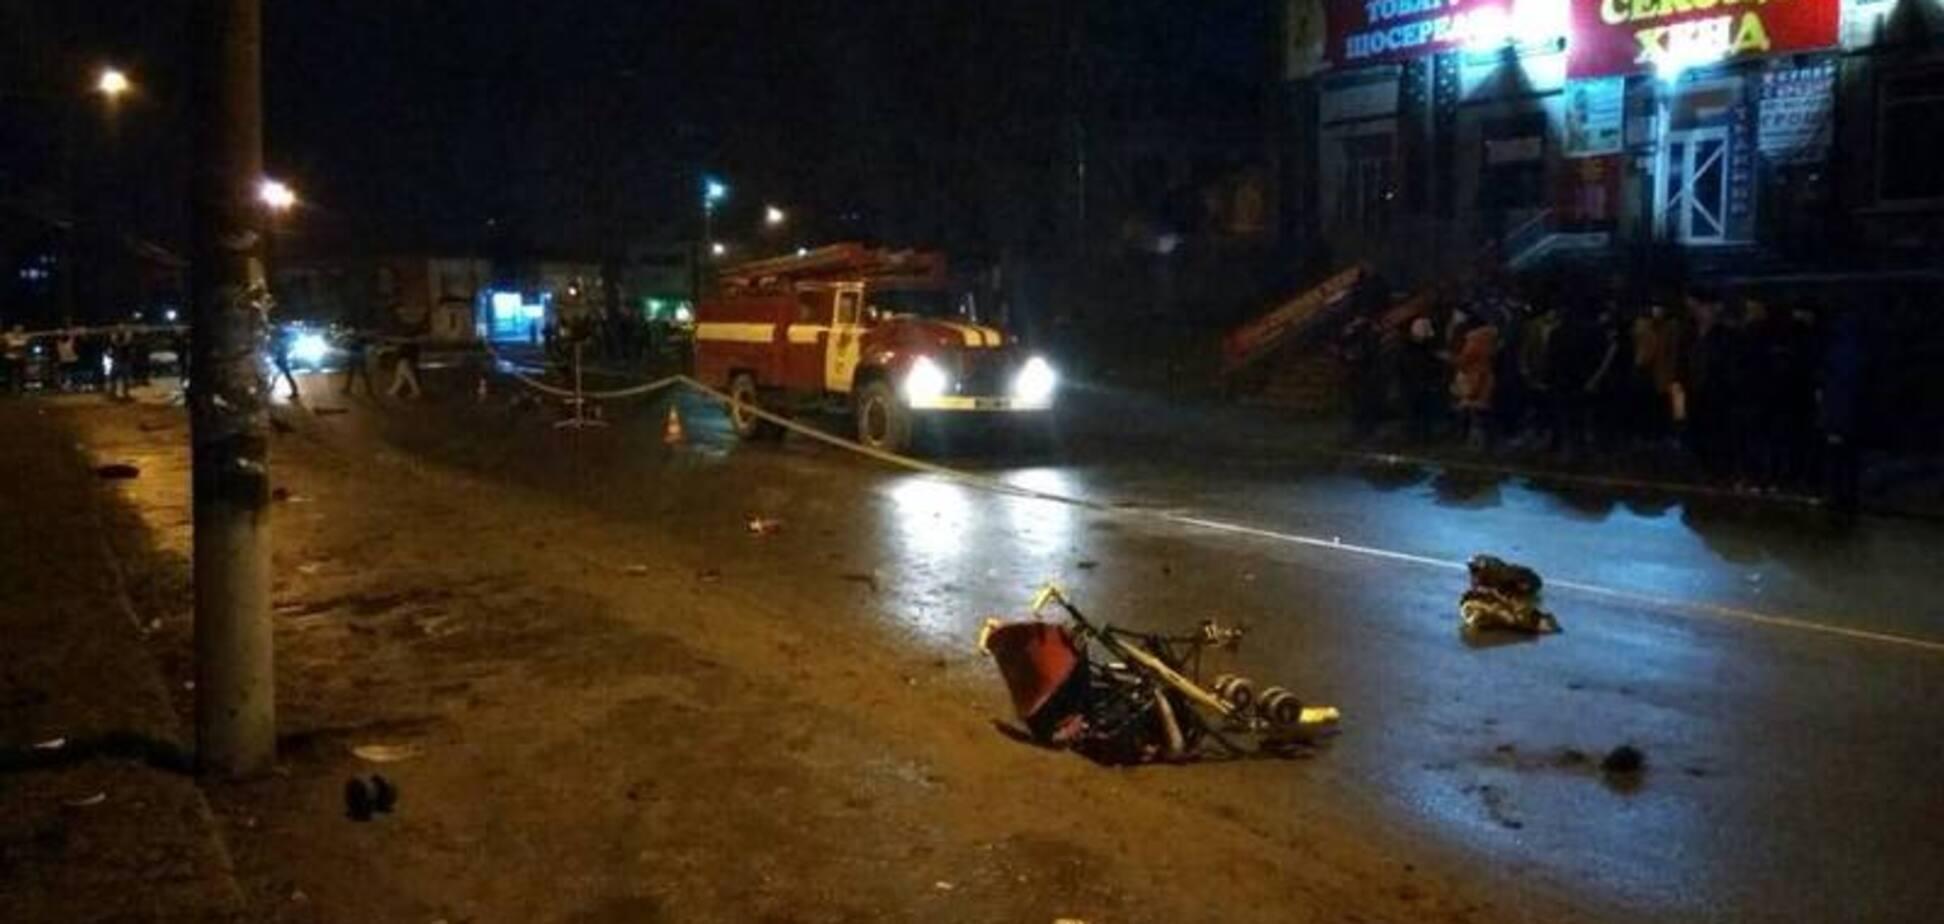 На Хмельнитчине произошло смертельное ДТП с 2-летним ребенком